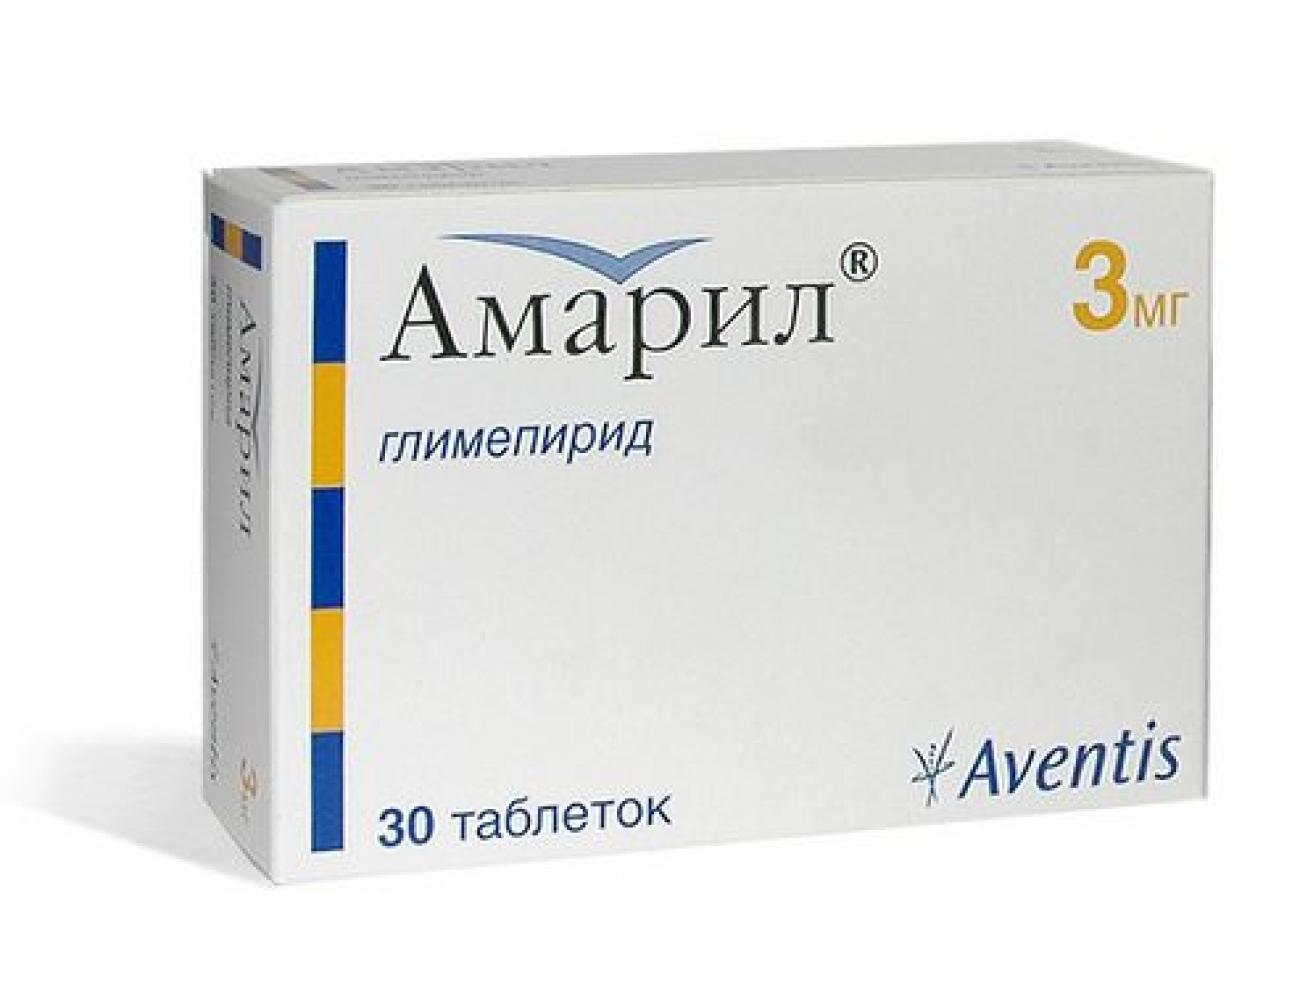 Фото препарата Амарил таблетки 3 мг блистер